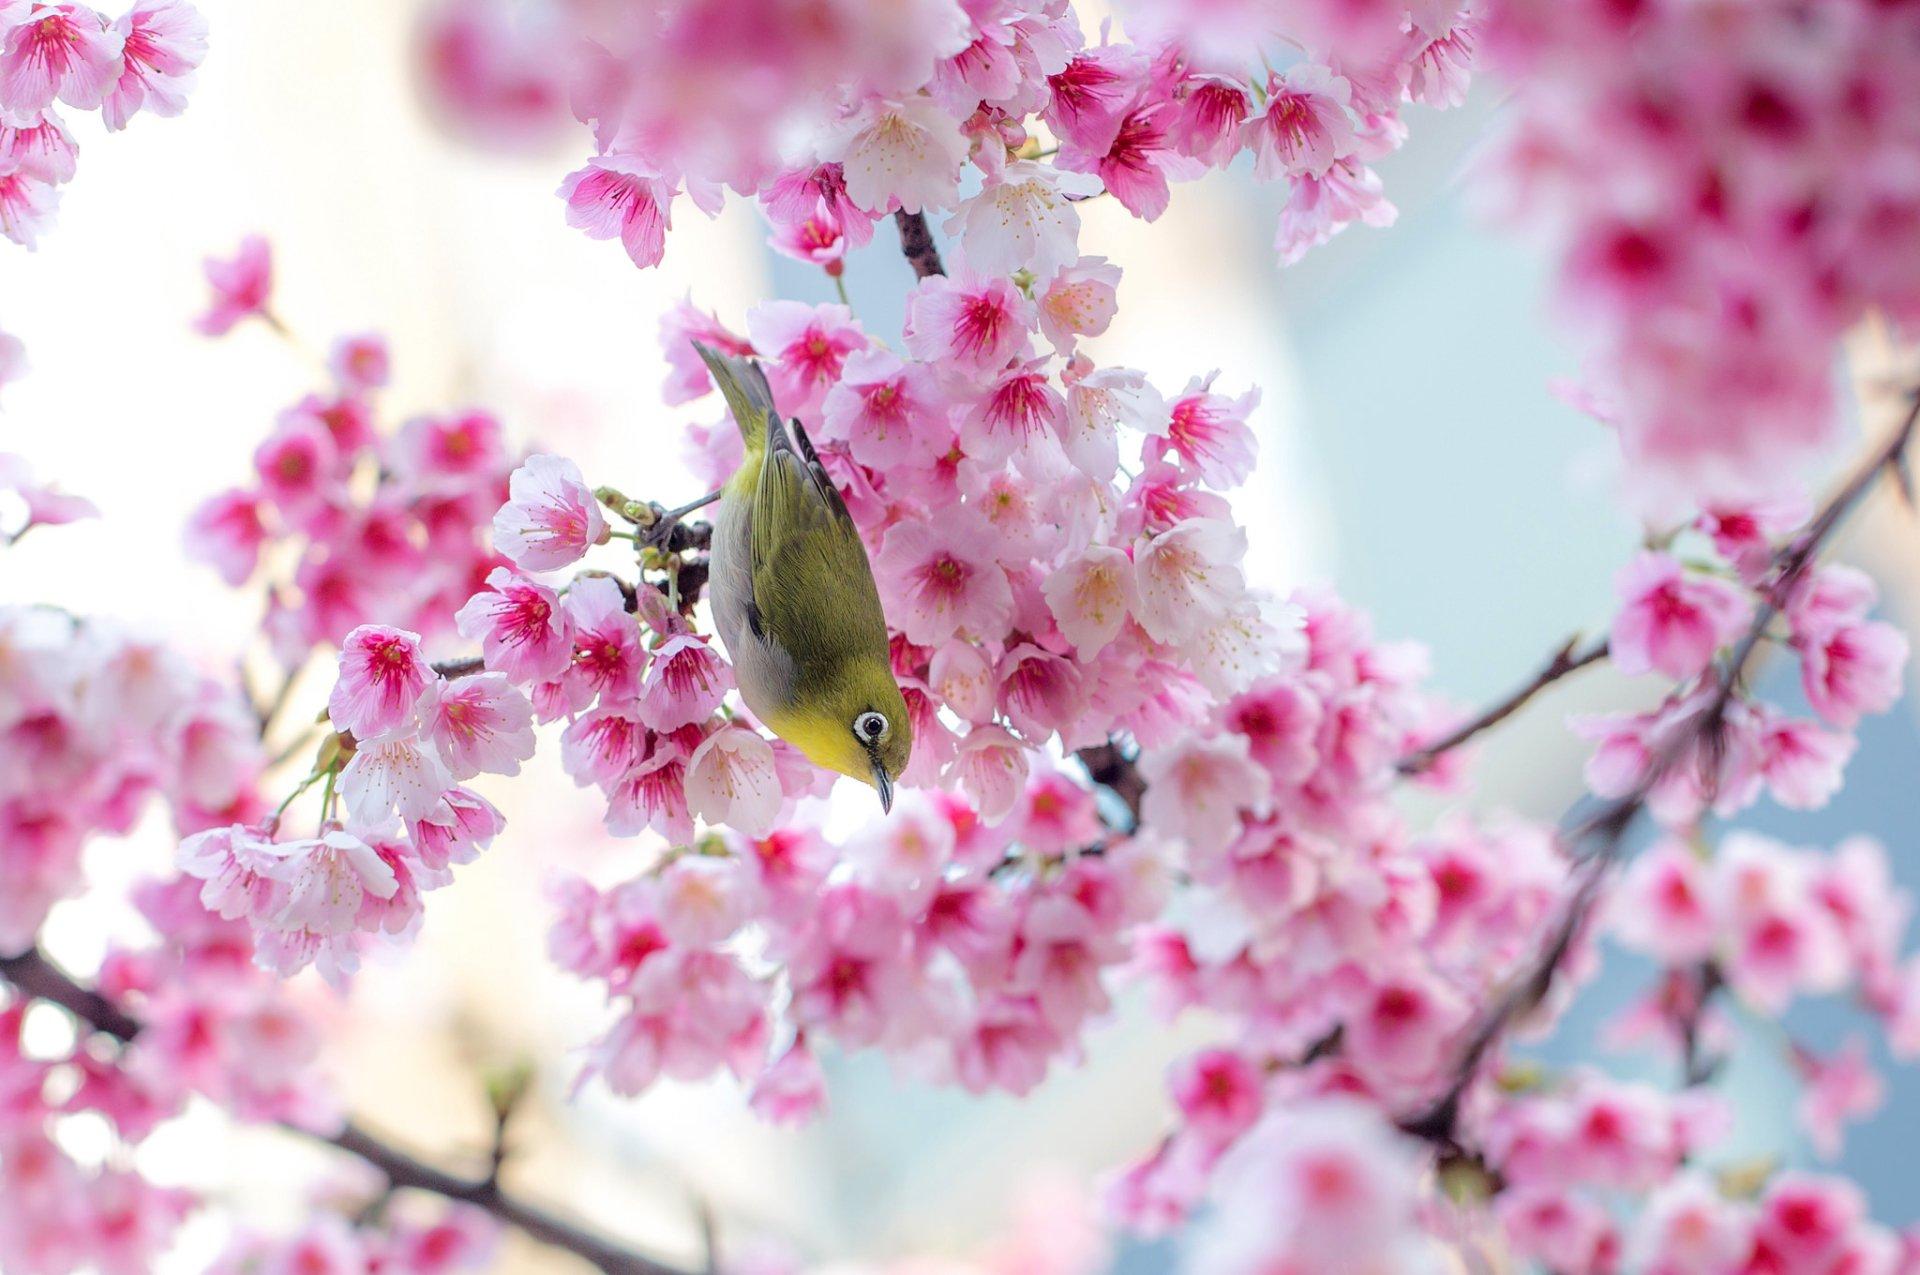 Sakura Tree Live Wallpaper Desktophut Pink Cherry Blossom Wallpaper Hd 441369 Hd Wallpaper Backgrounds Download